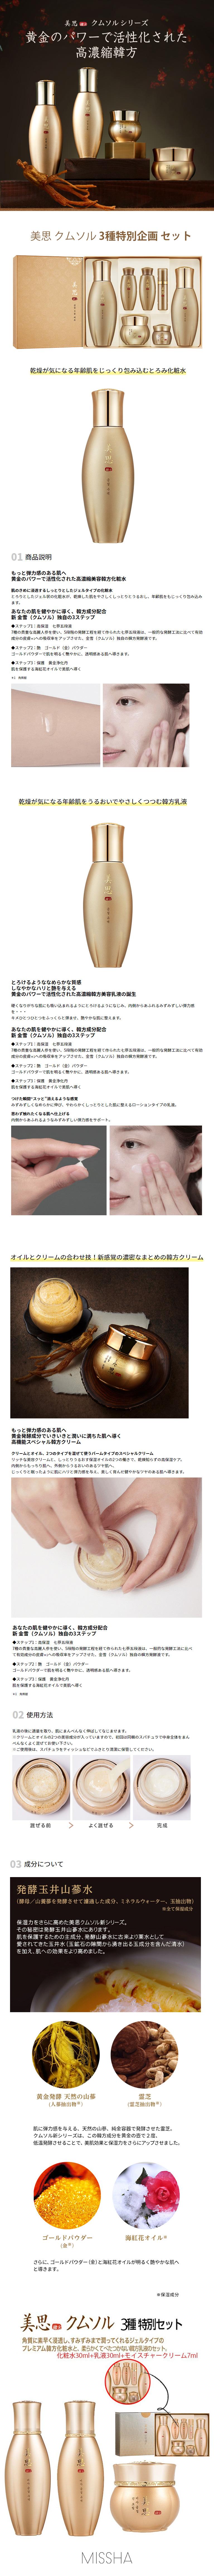 MISSHA(ミシャ) 美思クムソル3種特別企画セット (化粧水+乳液+クリーム)